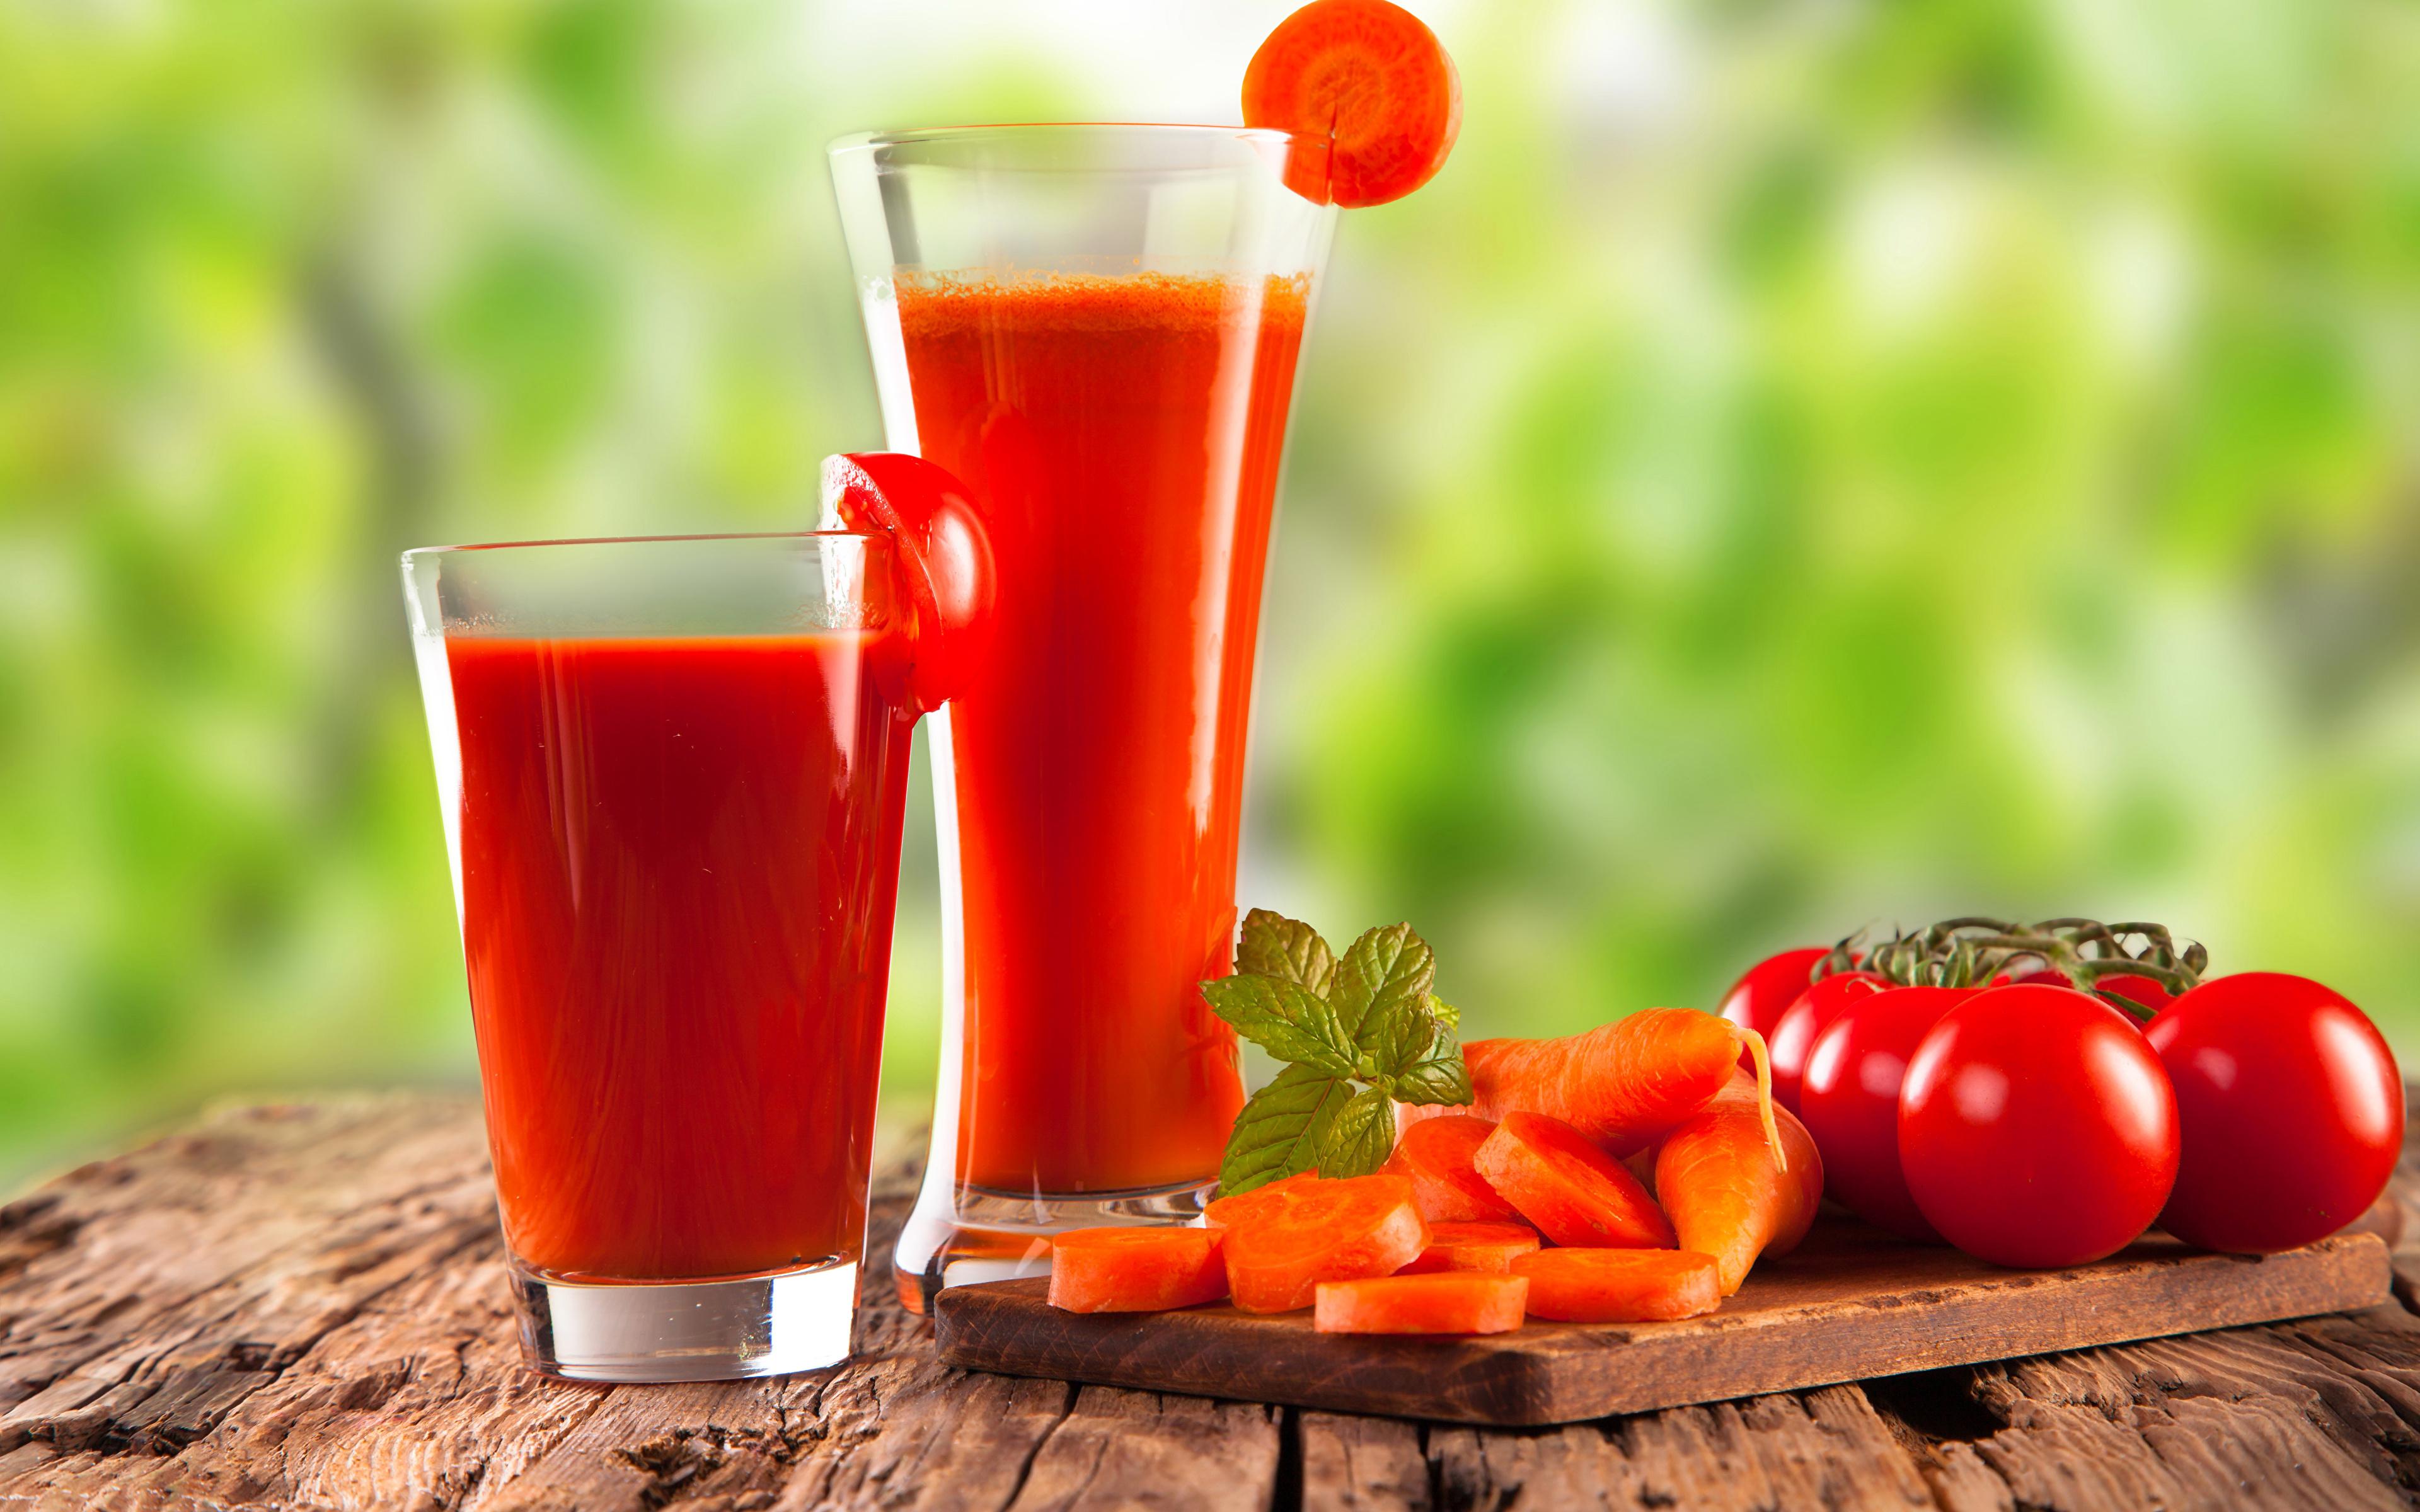 еда помидоры сок томатный ложка  № 2891537 загрузить